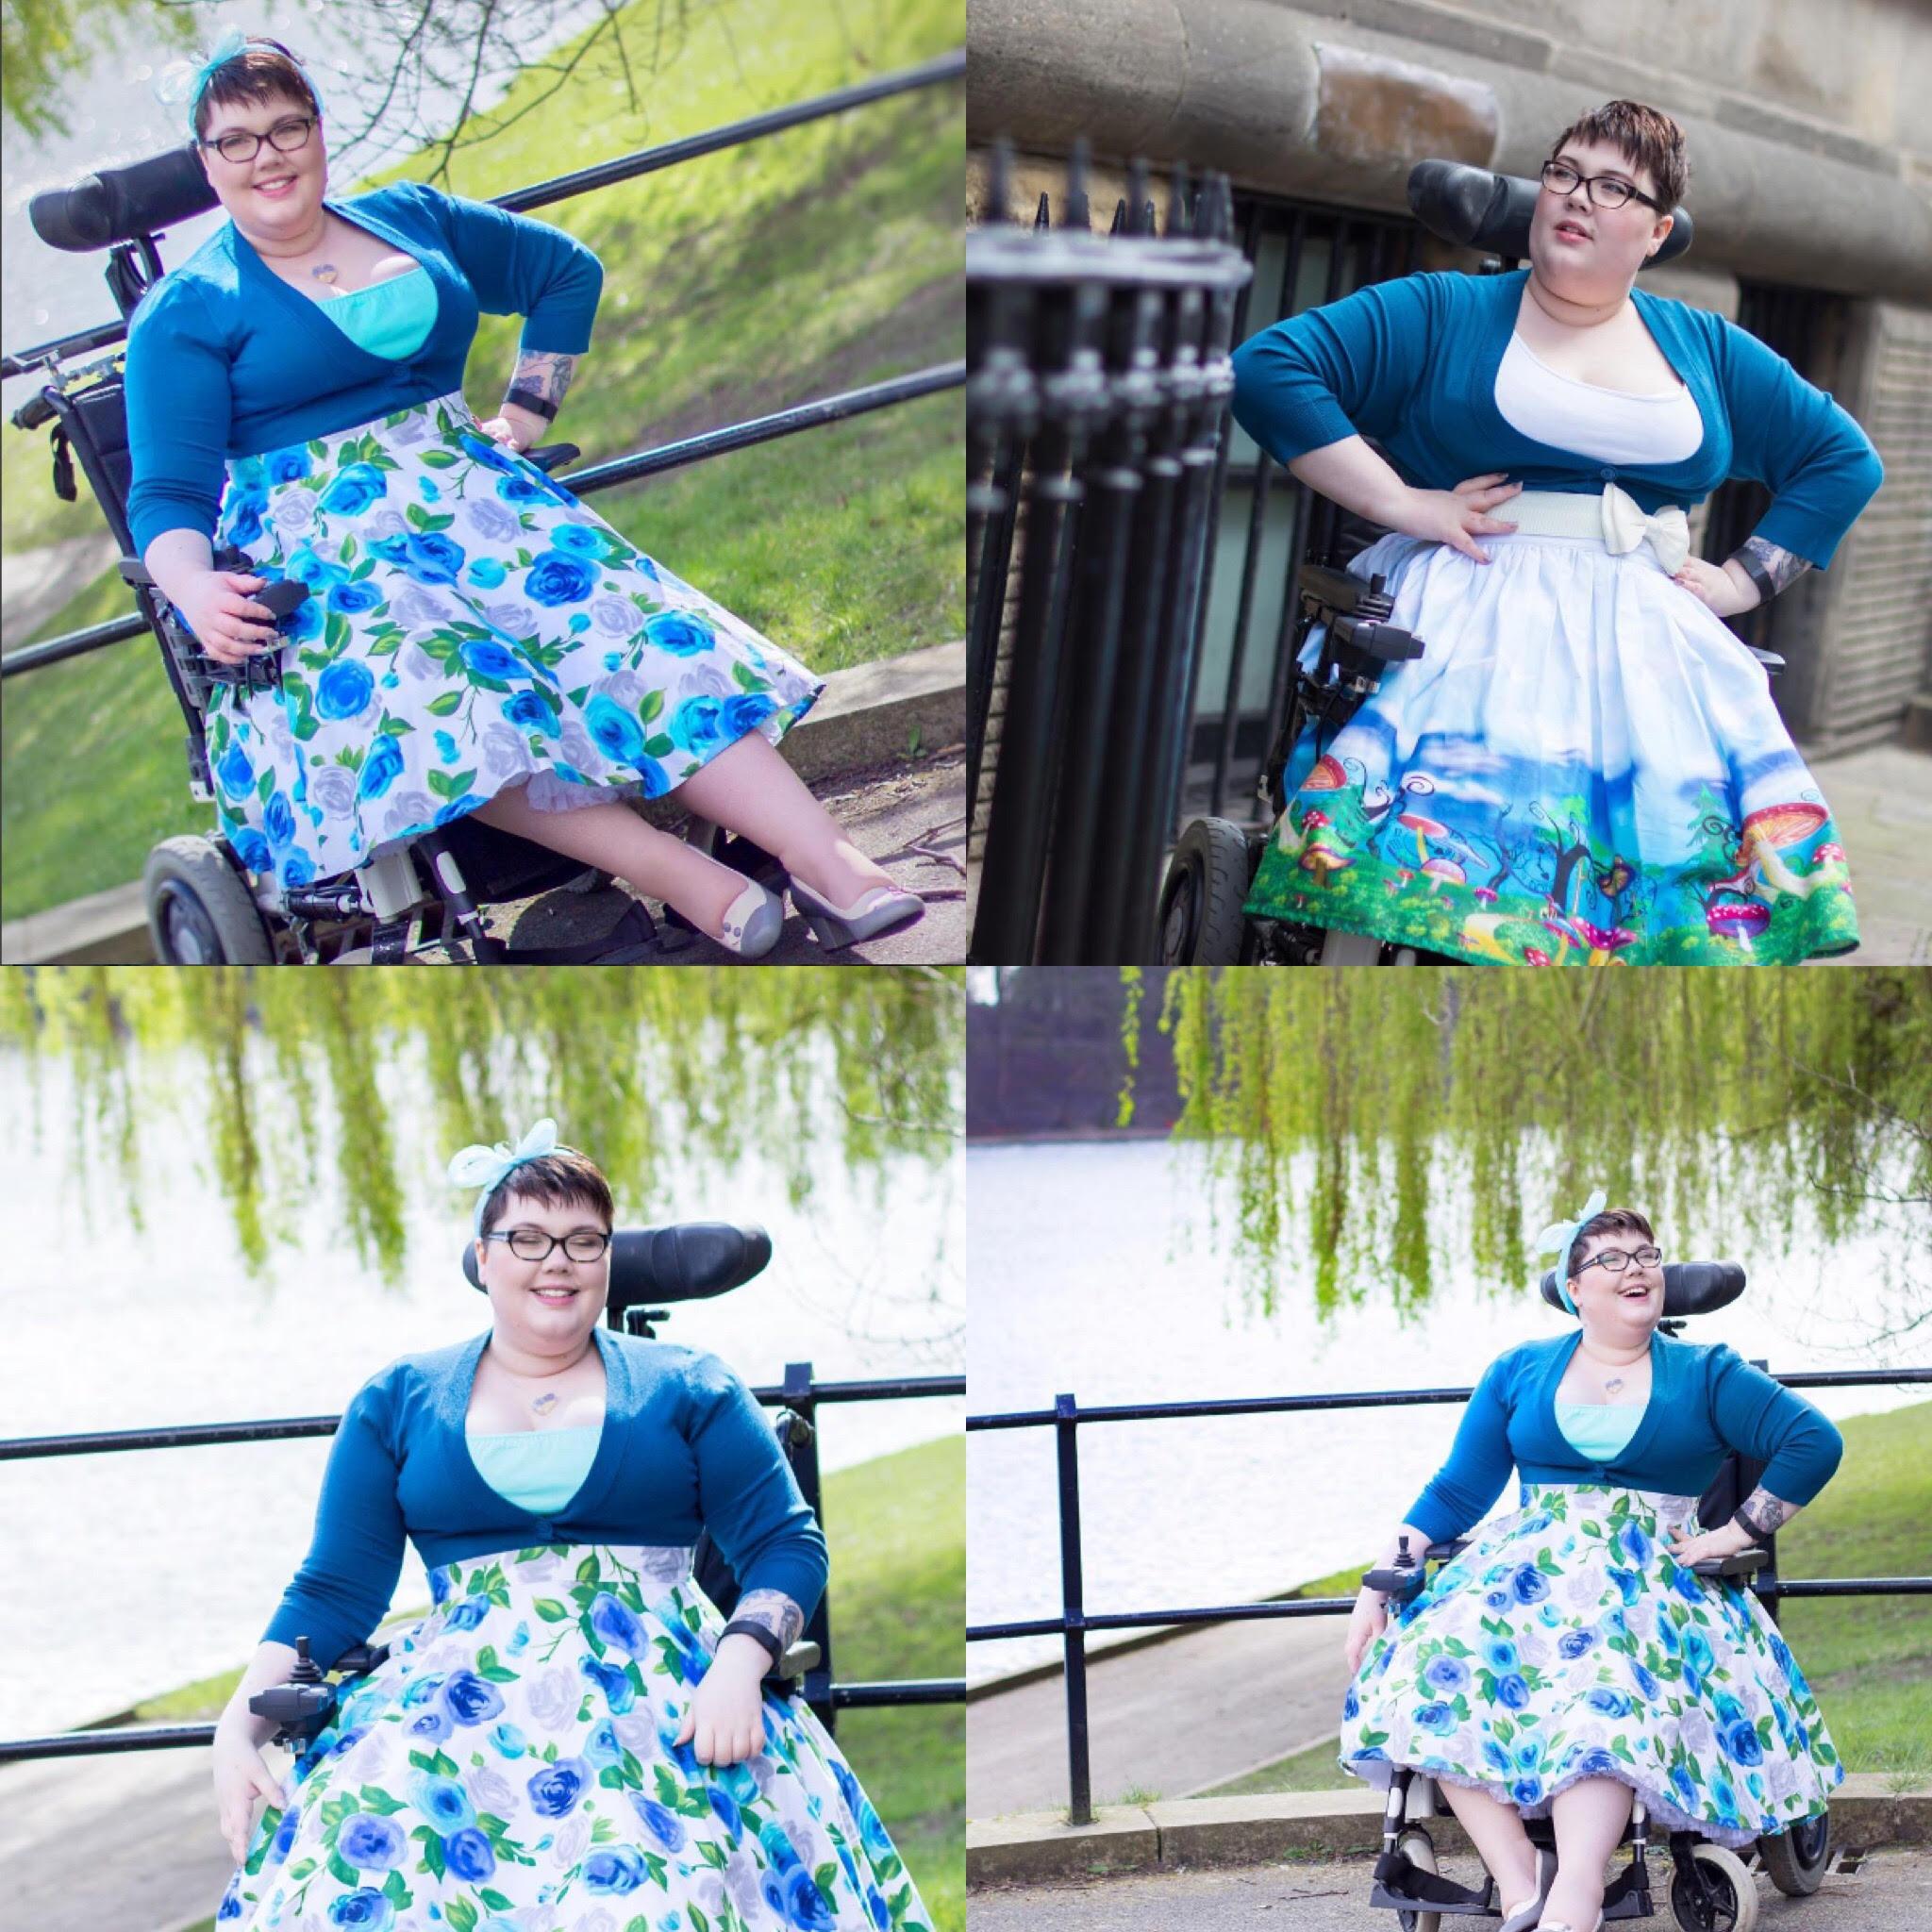 Wheelchair Vintage Fashionista!